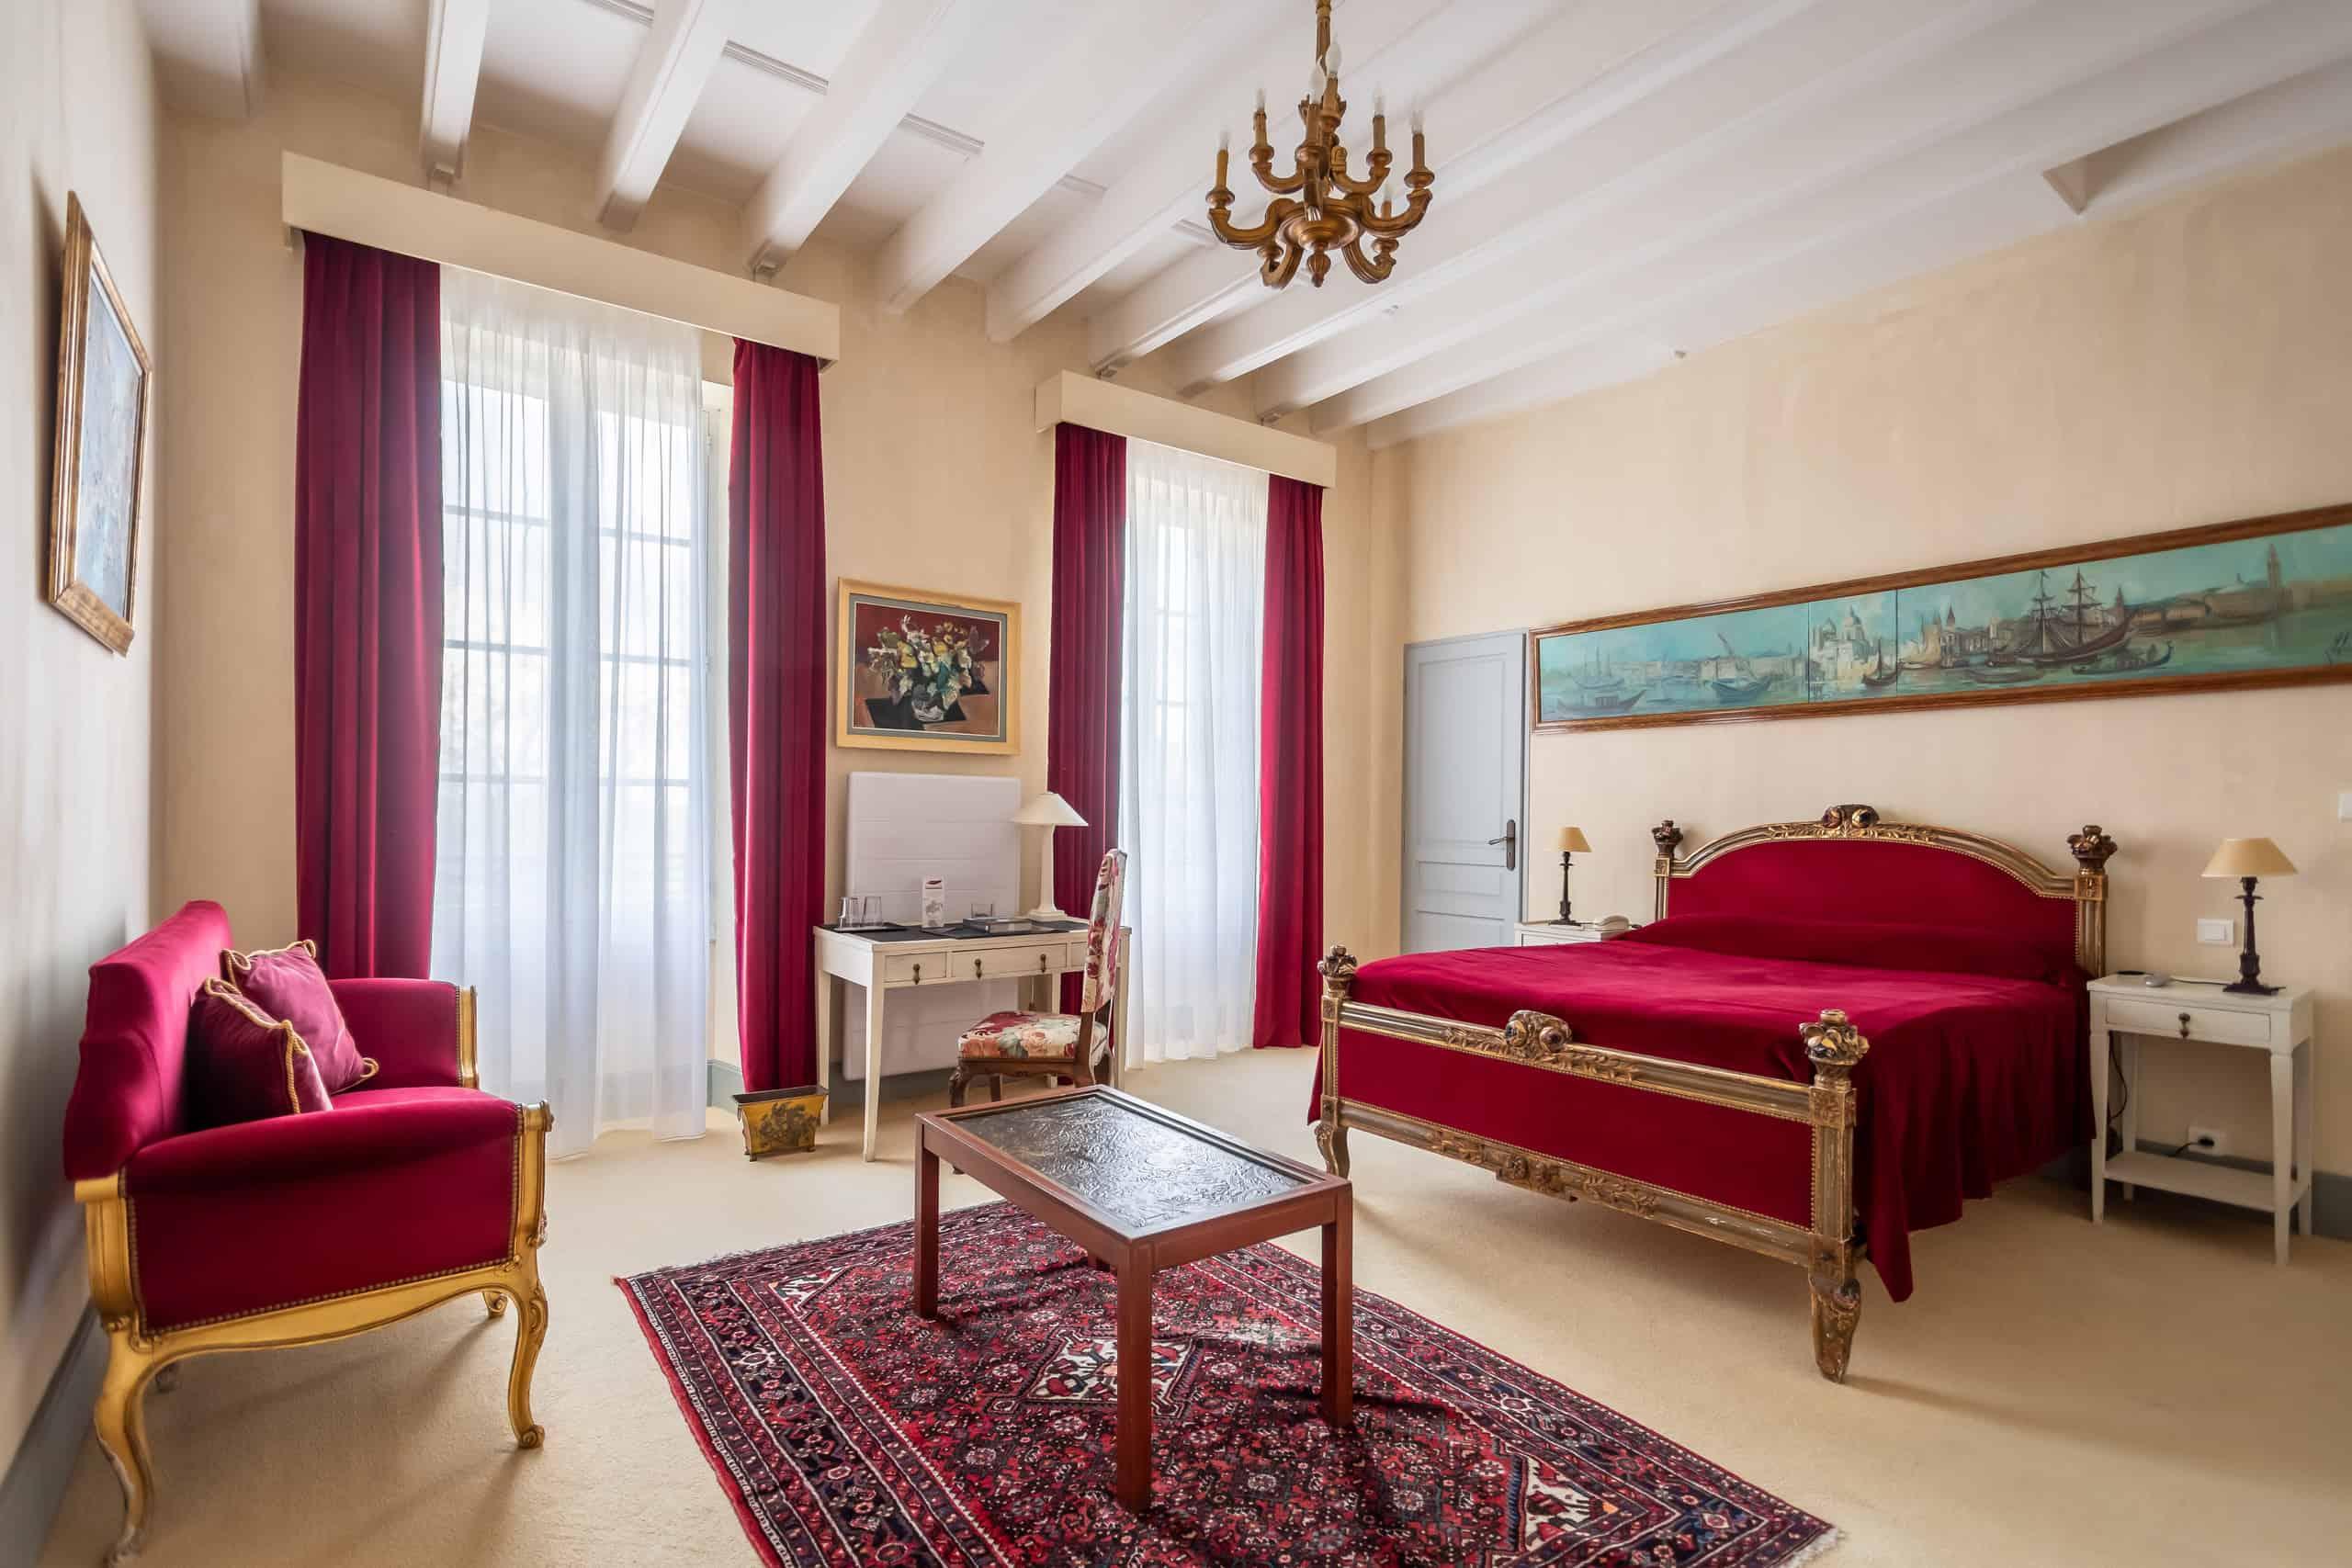 Bedroom-red-WMC030